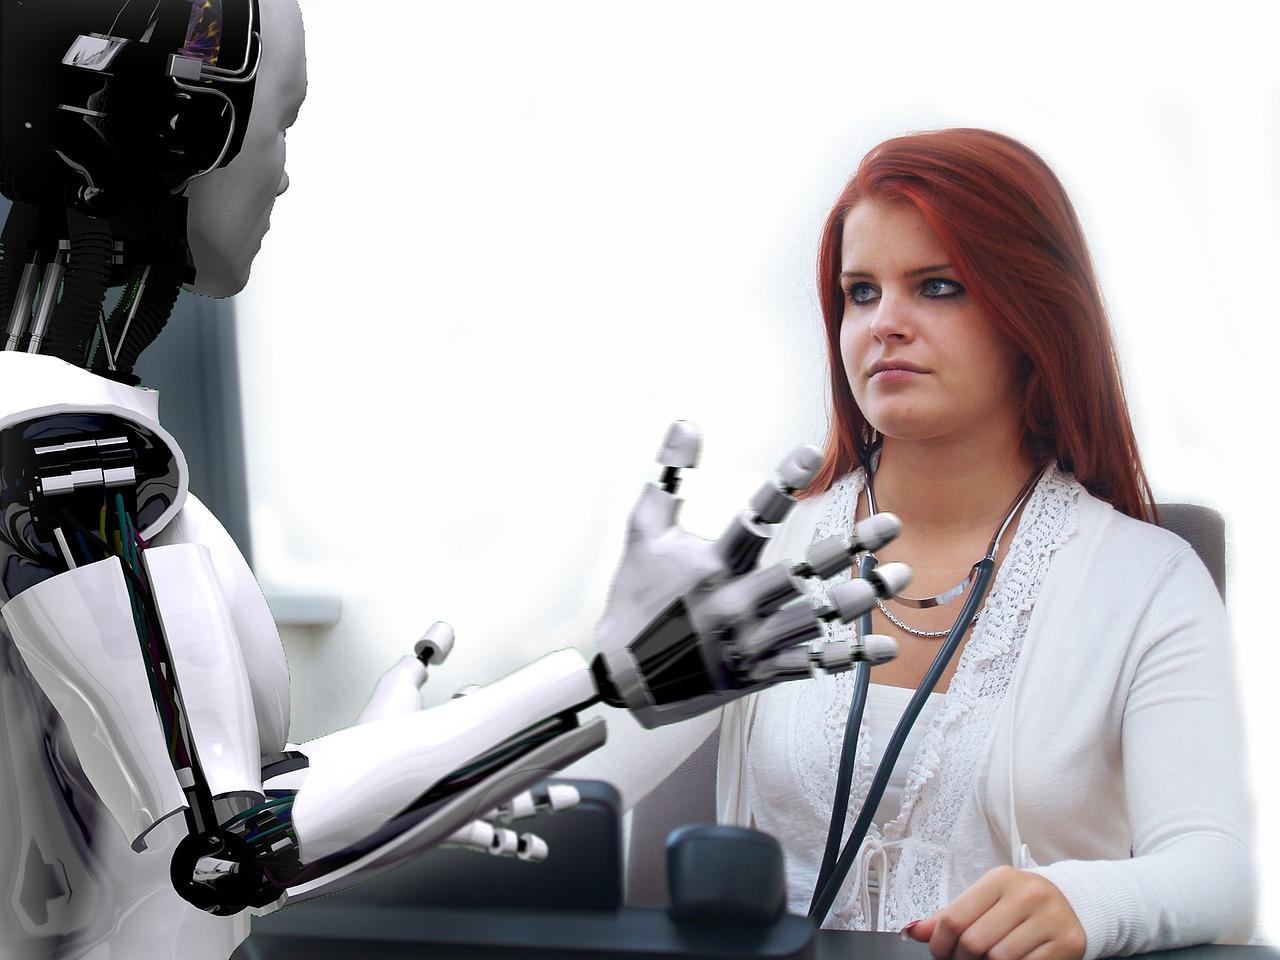 Sztuczna inteligencja dla dobra człowieka i środowiska, czyli lista (samooceny) AI